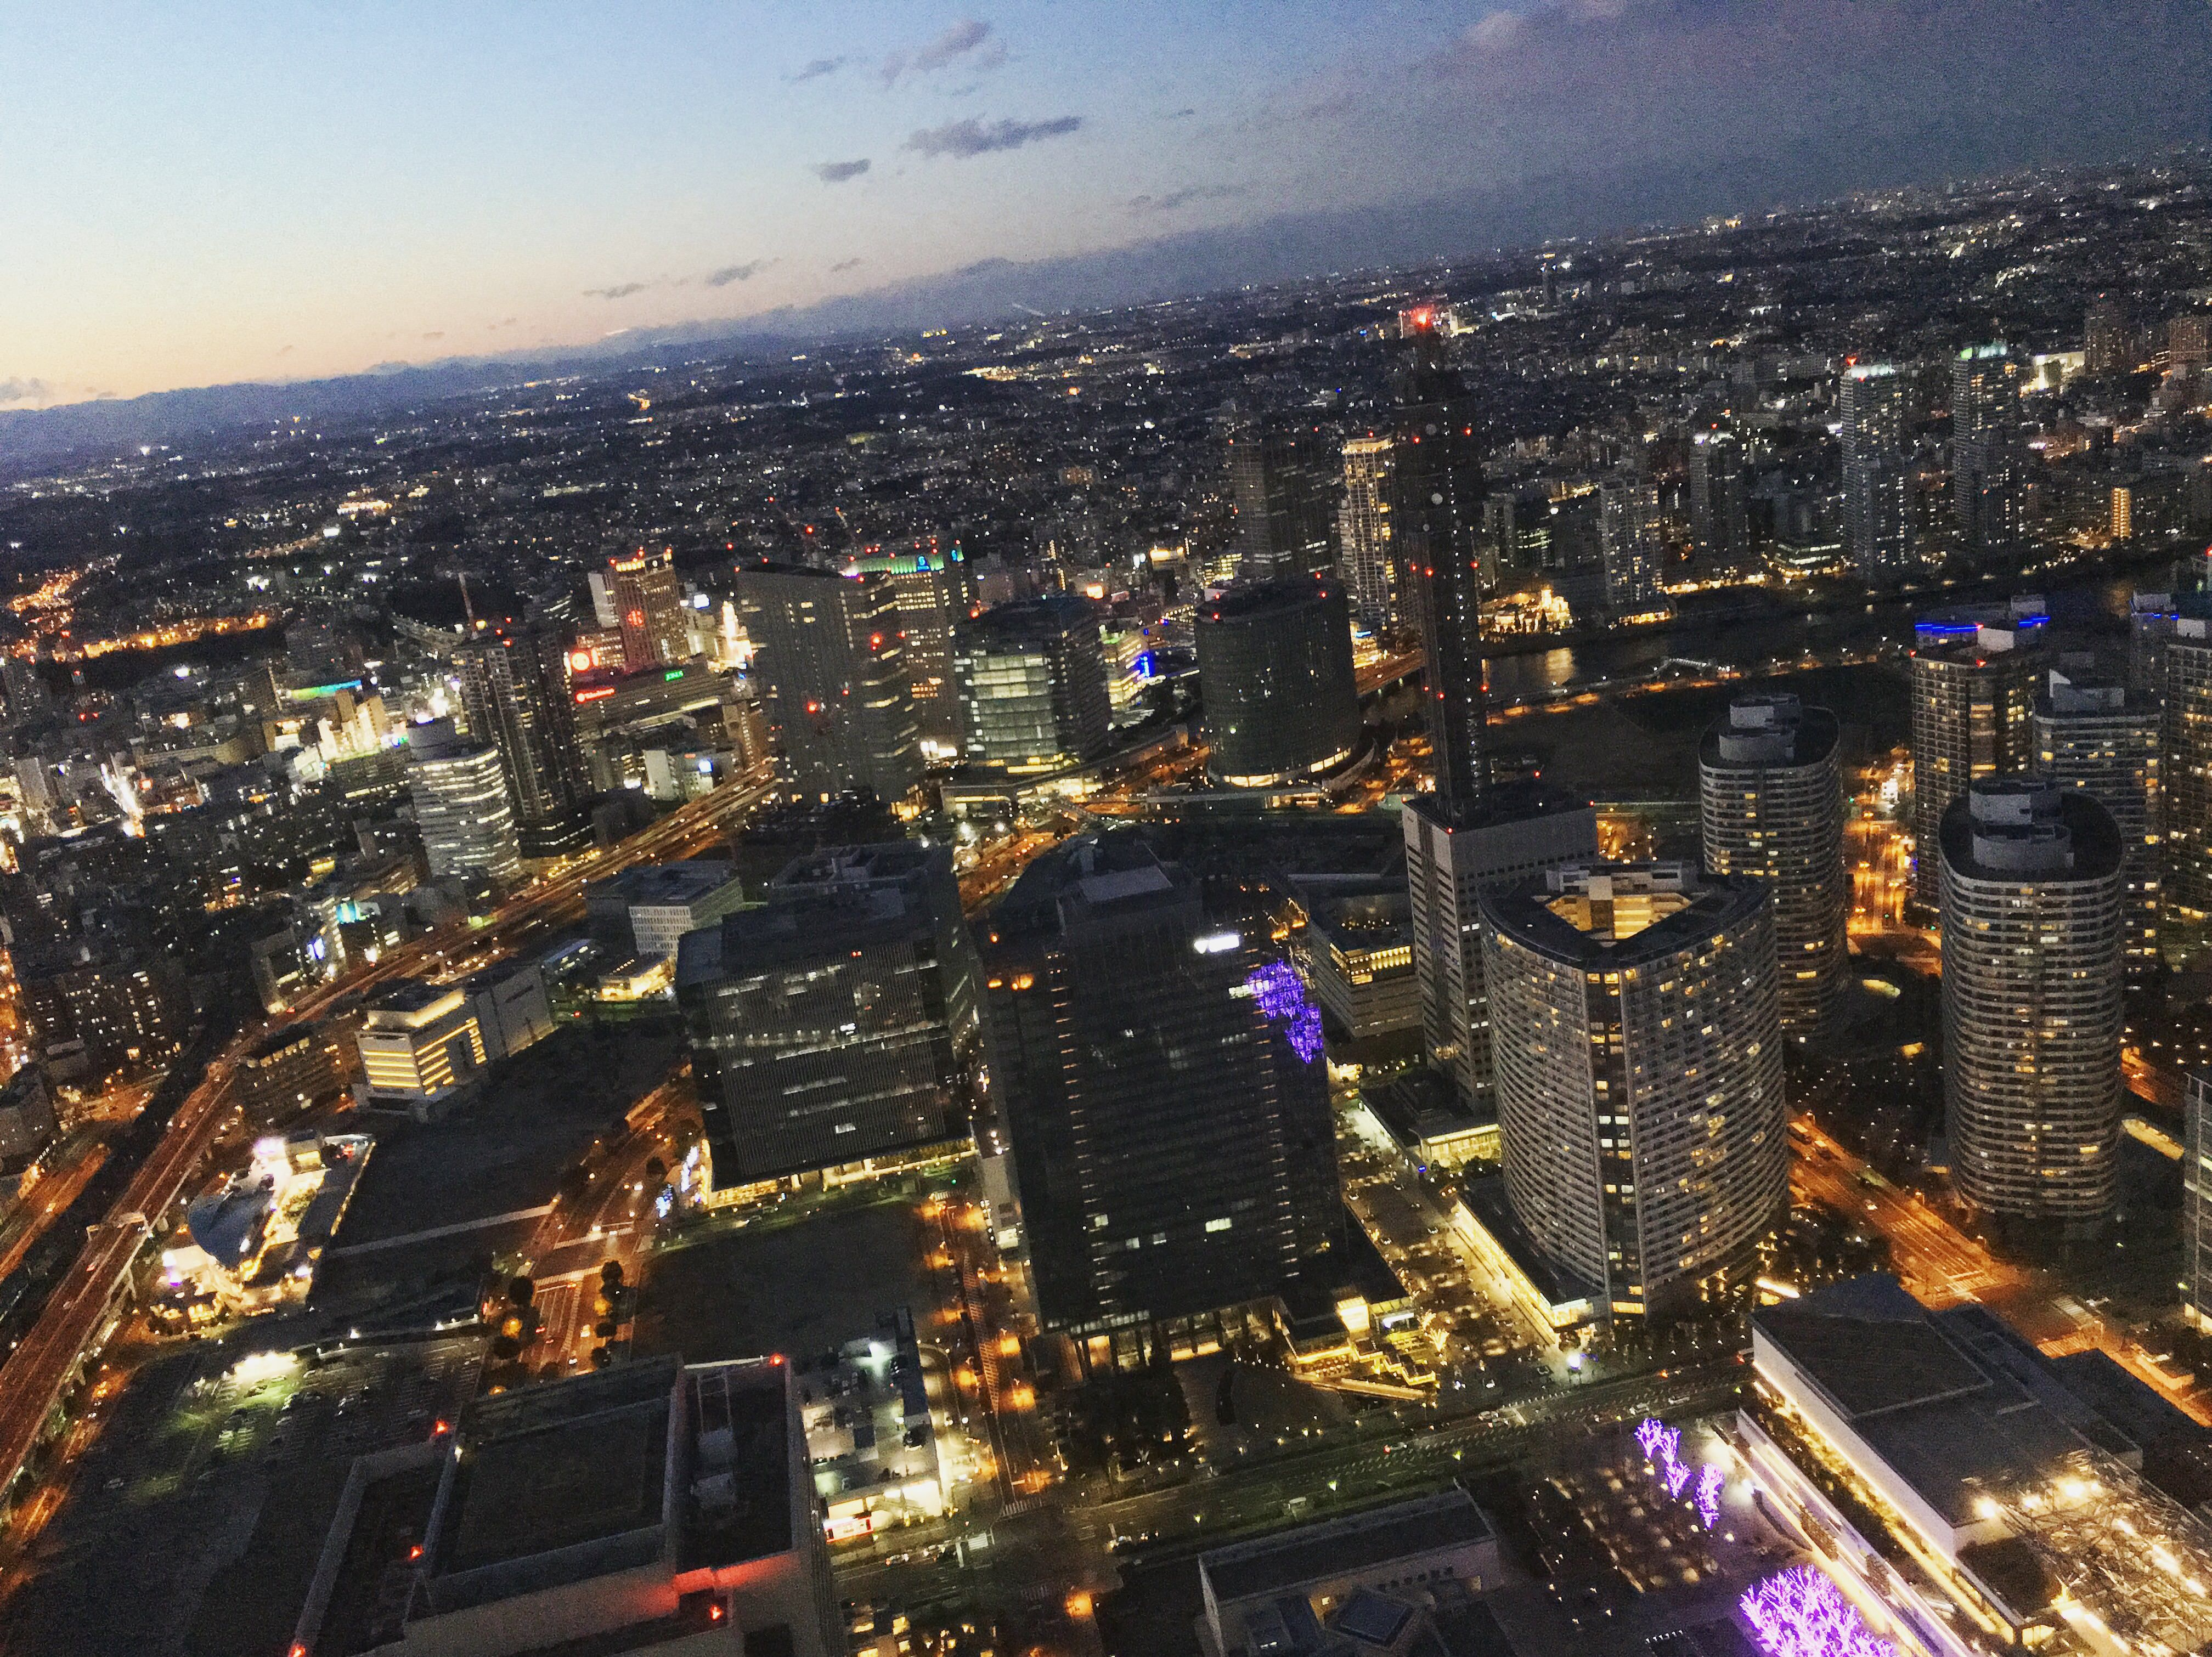 ถ่ายรูปชมวิว 360 องศา ที่ชั้น 69 ของ Yokohama Landmark Tower เมืองโยโกฮาม่า